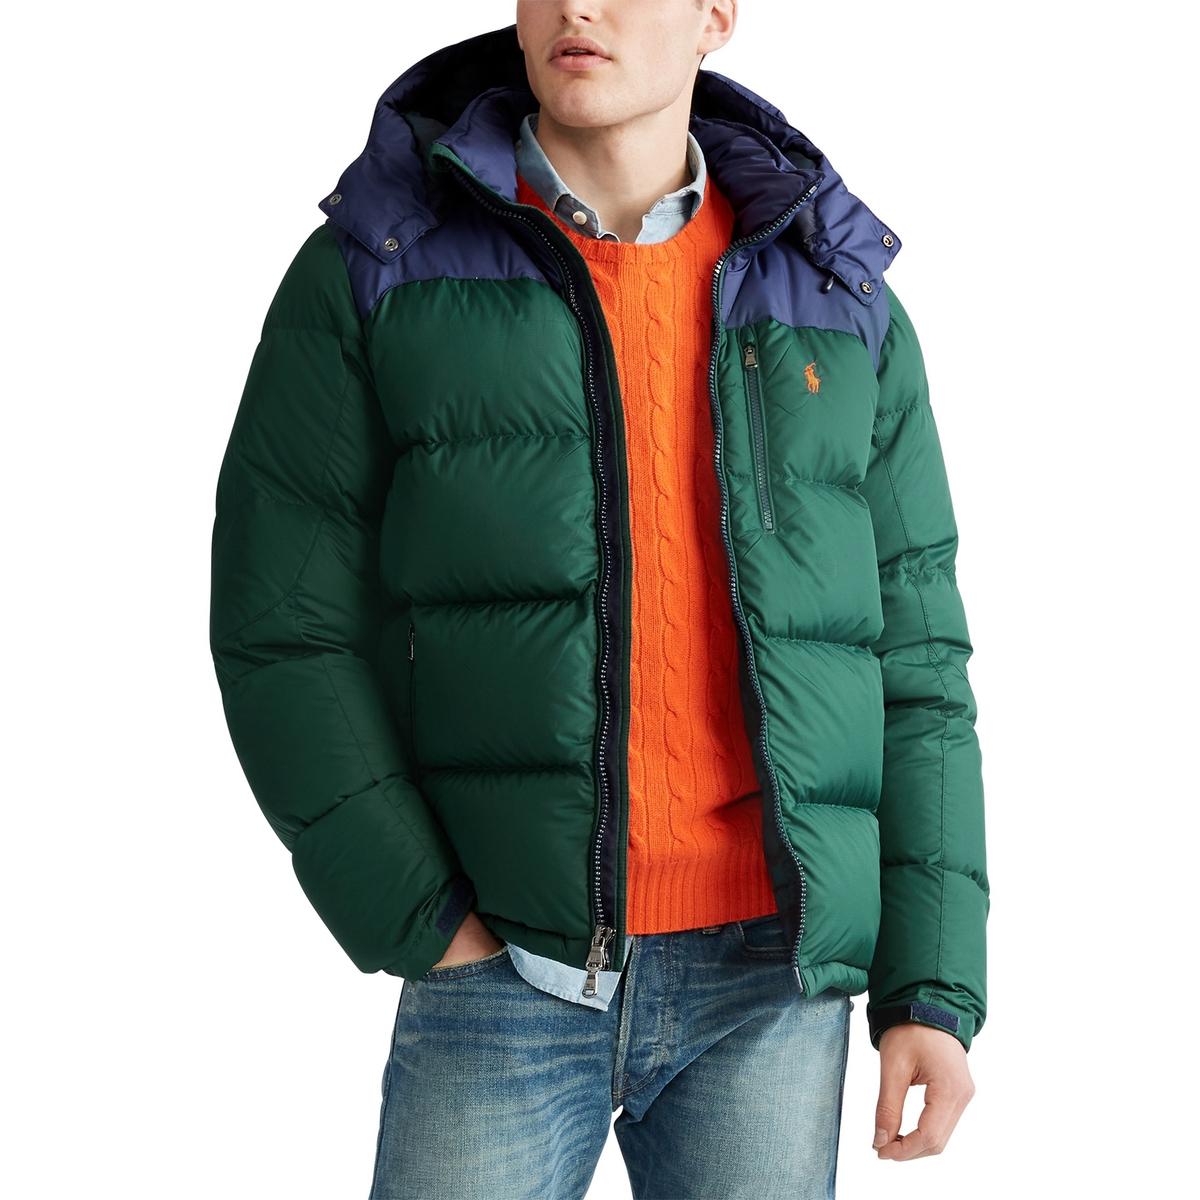 Куртка La Redoute Стеганая на молнии из двух материалов со съемным капюшоном M синий куртка la redoute стеганая на молнии с капюшоном meter xxl синий